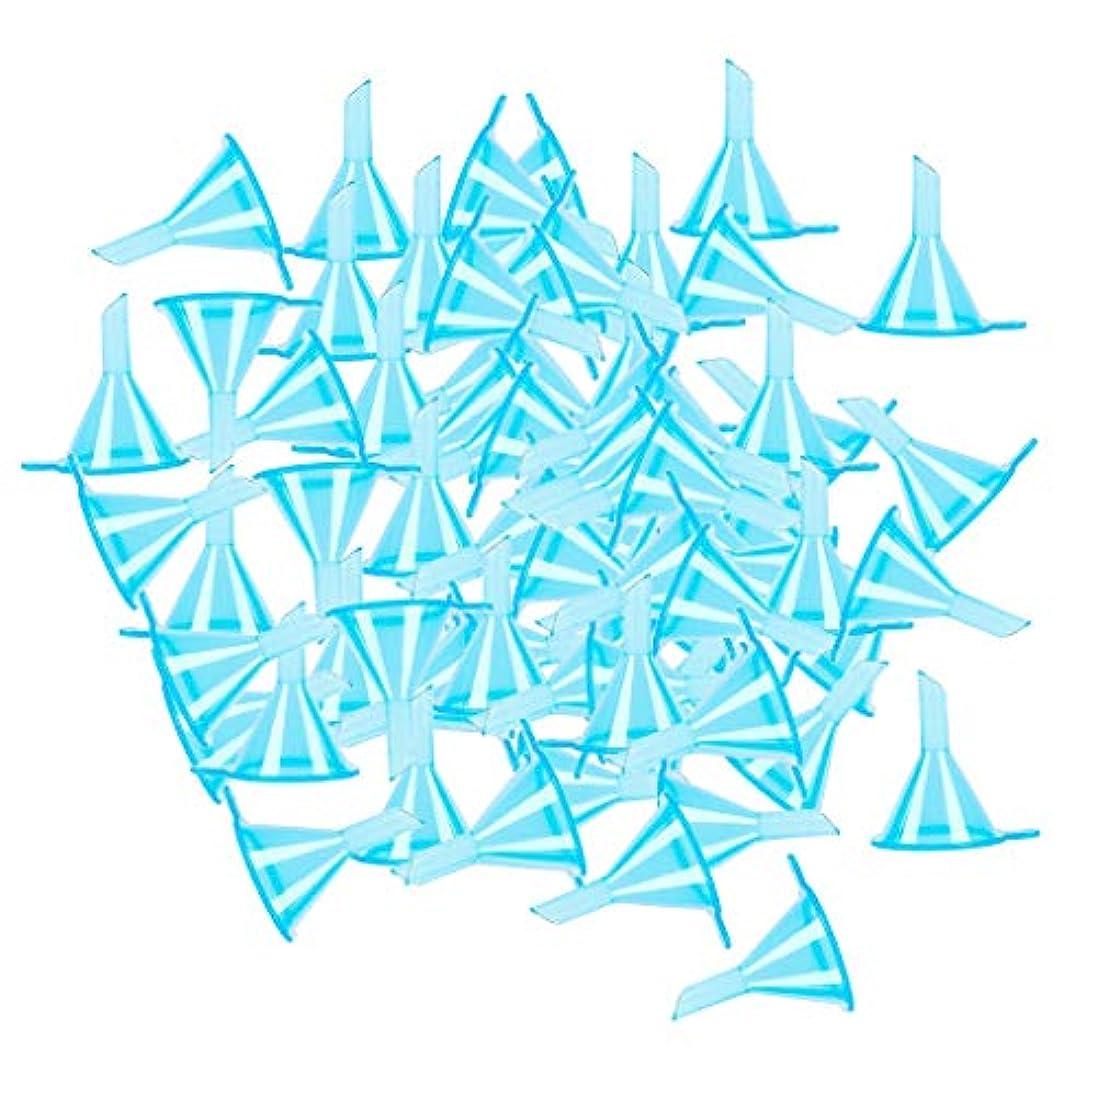 ねばねば極地焦がす100個入り 小分けツール ミニ ファンネル エッセンシャルオイル 液体 香水用 全3色 - ブルー